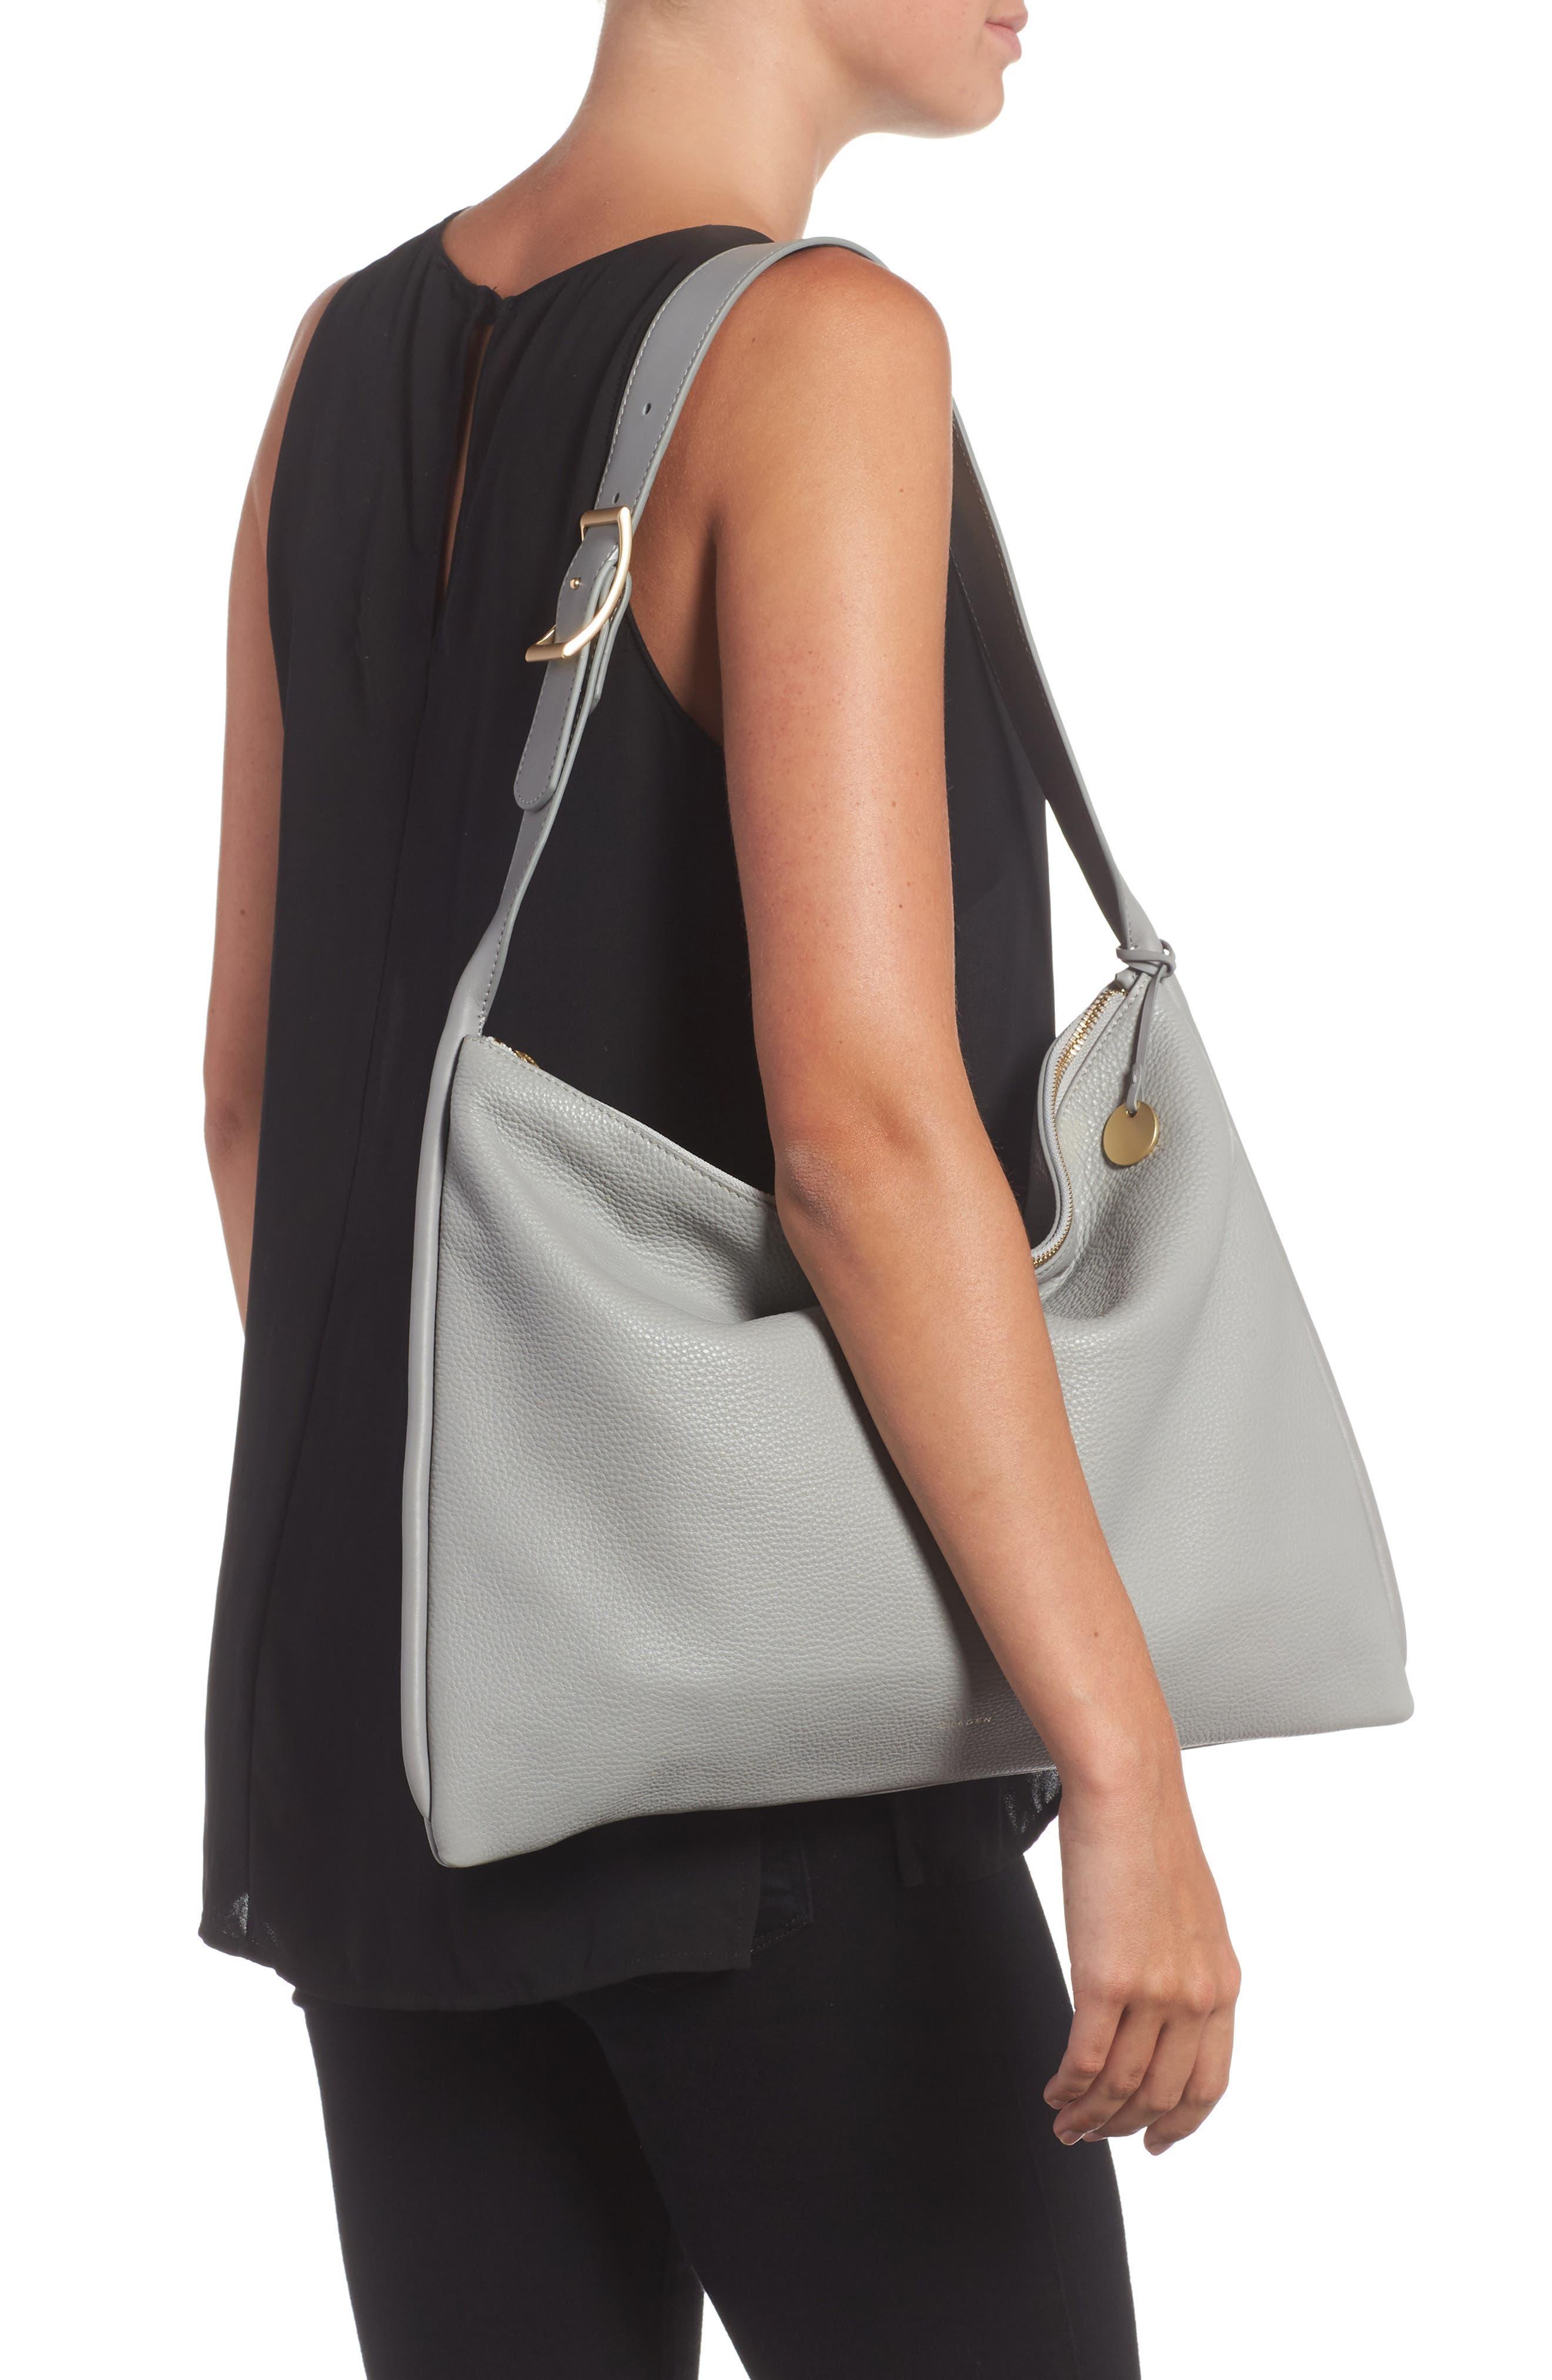 Anesa Leather Shoulder Bag,                             Alternate thumbnail 2, color,                             022